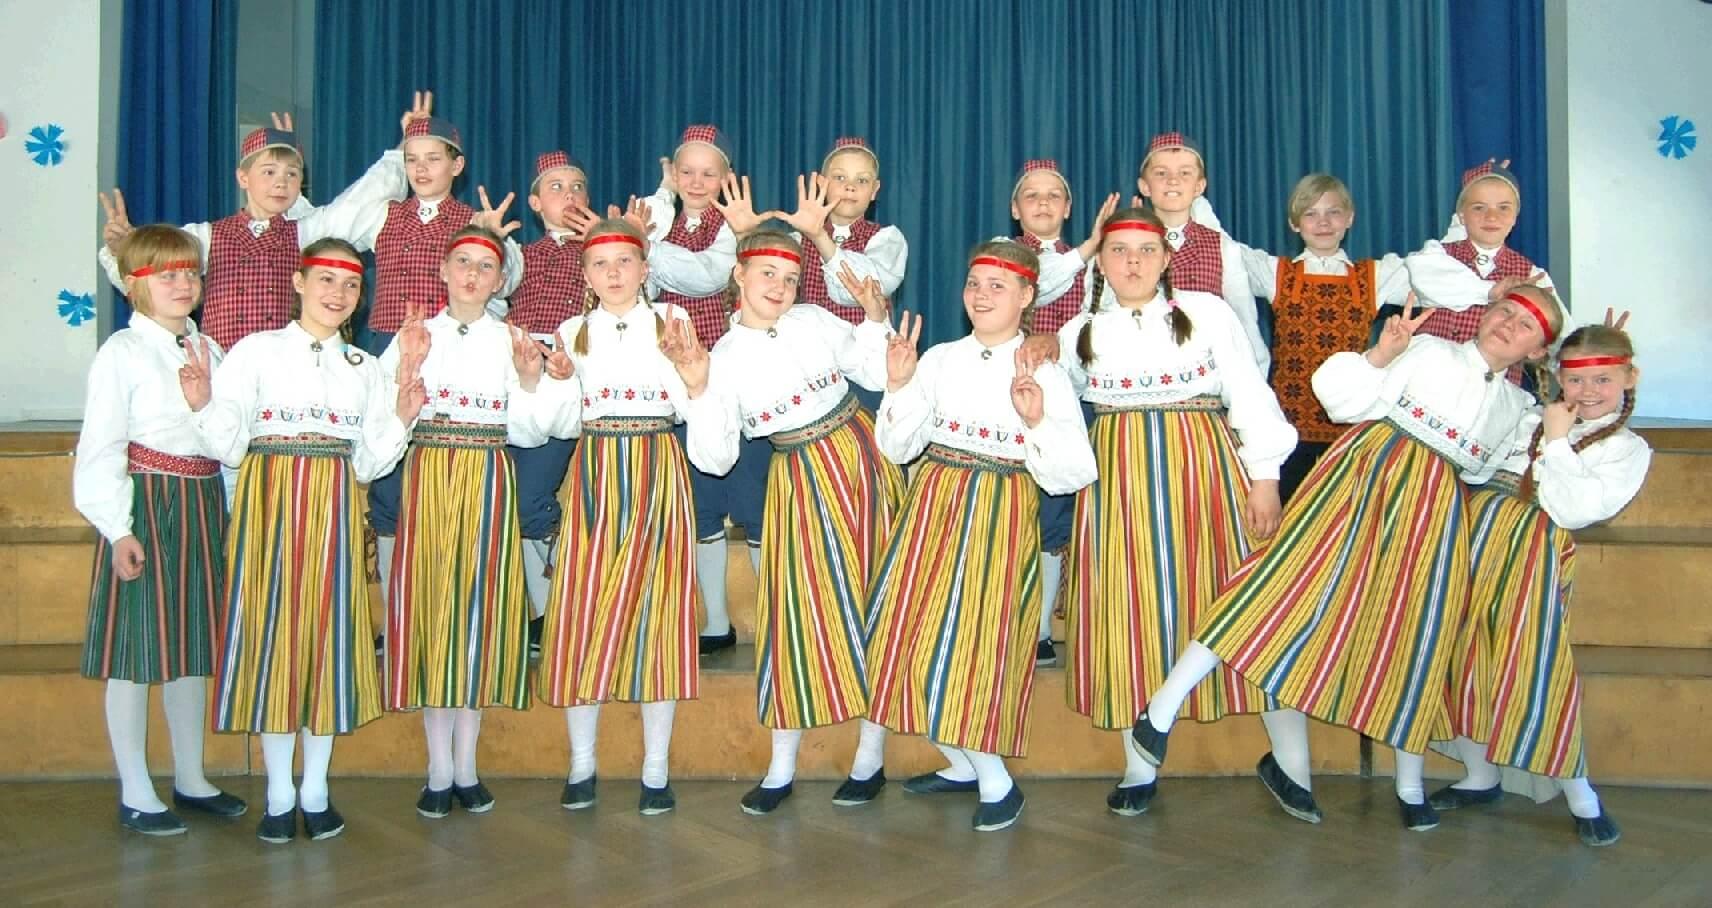 a6f07261efc Kuusalu rahvatantsurühma foto Hooandjas. Pilt on üles võetud kevadel, kui  lapsed õppisid veel 4. klassis.